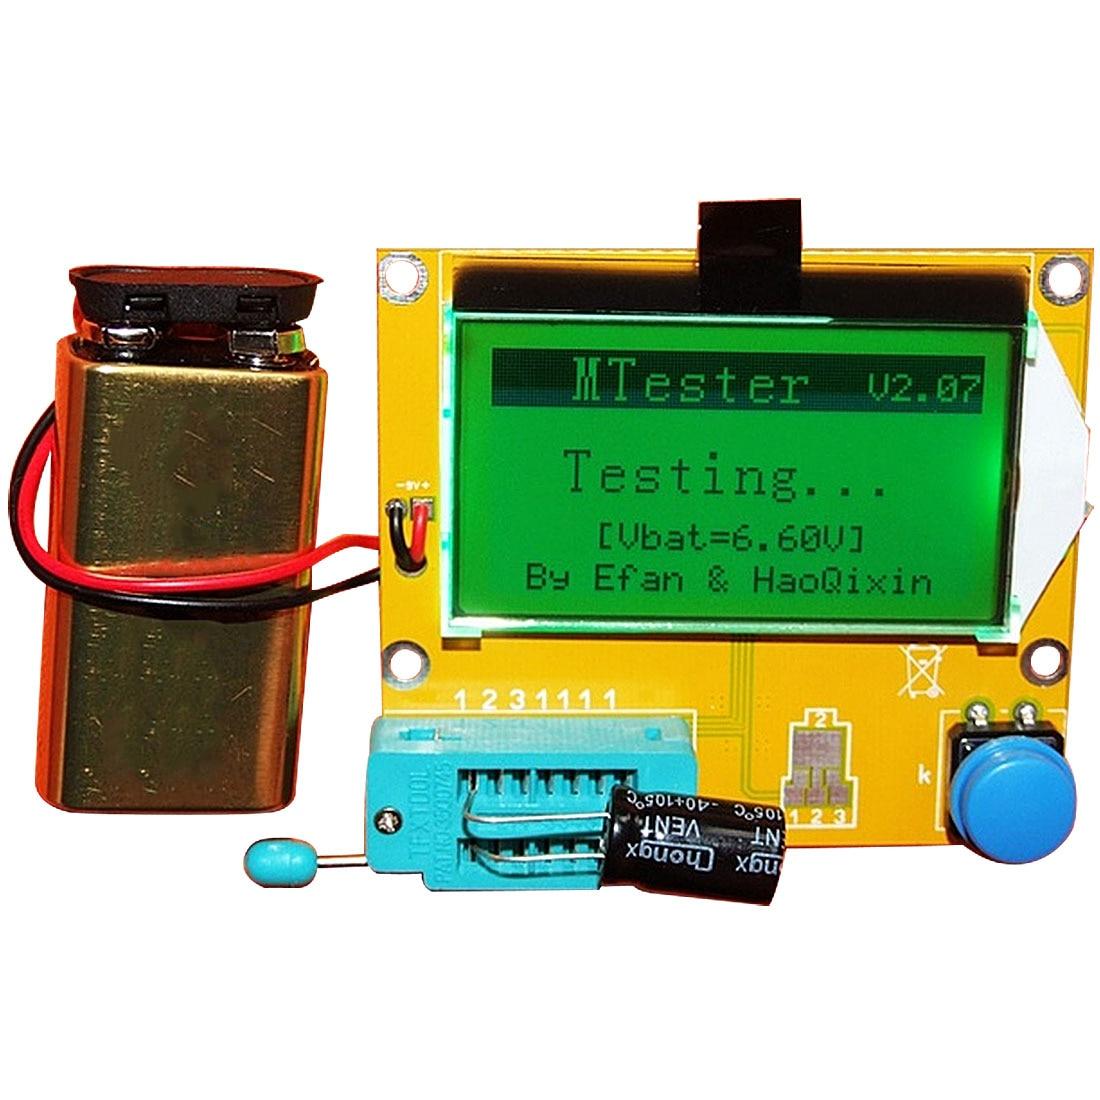 LCR-T4 ESR Meter Transistor Tester Digital Mega328 M328 Lcr Diode Triode Capacitance Test Muiltmeter ESR MOS/PNP/NPN L/C/R